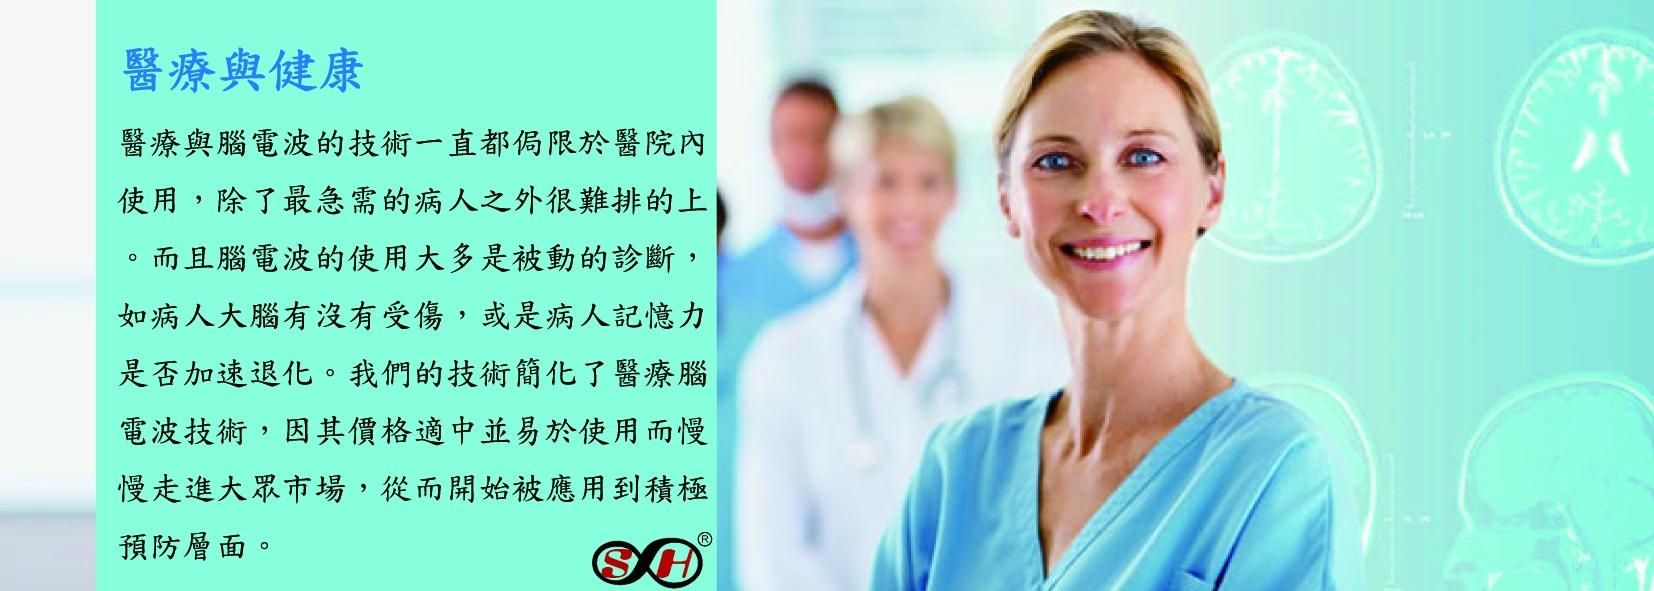 醫療與健康